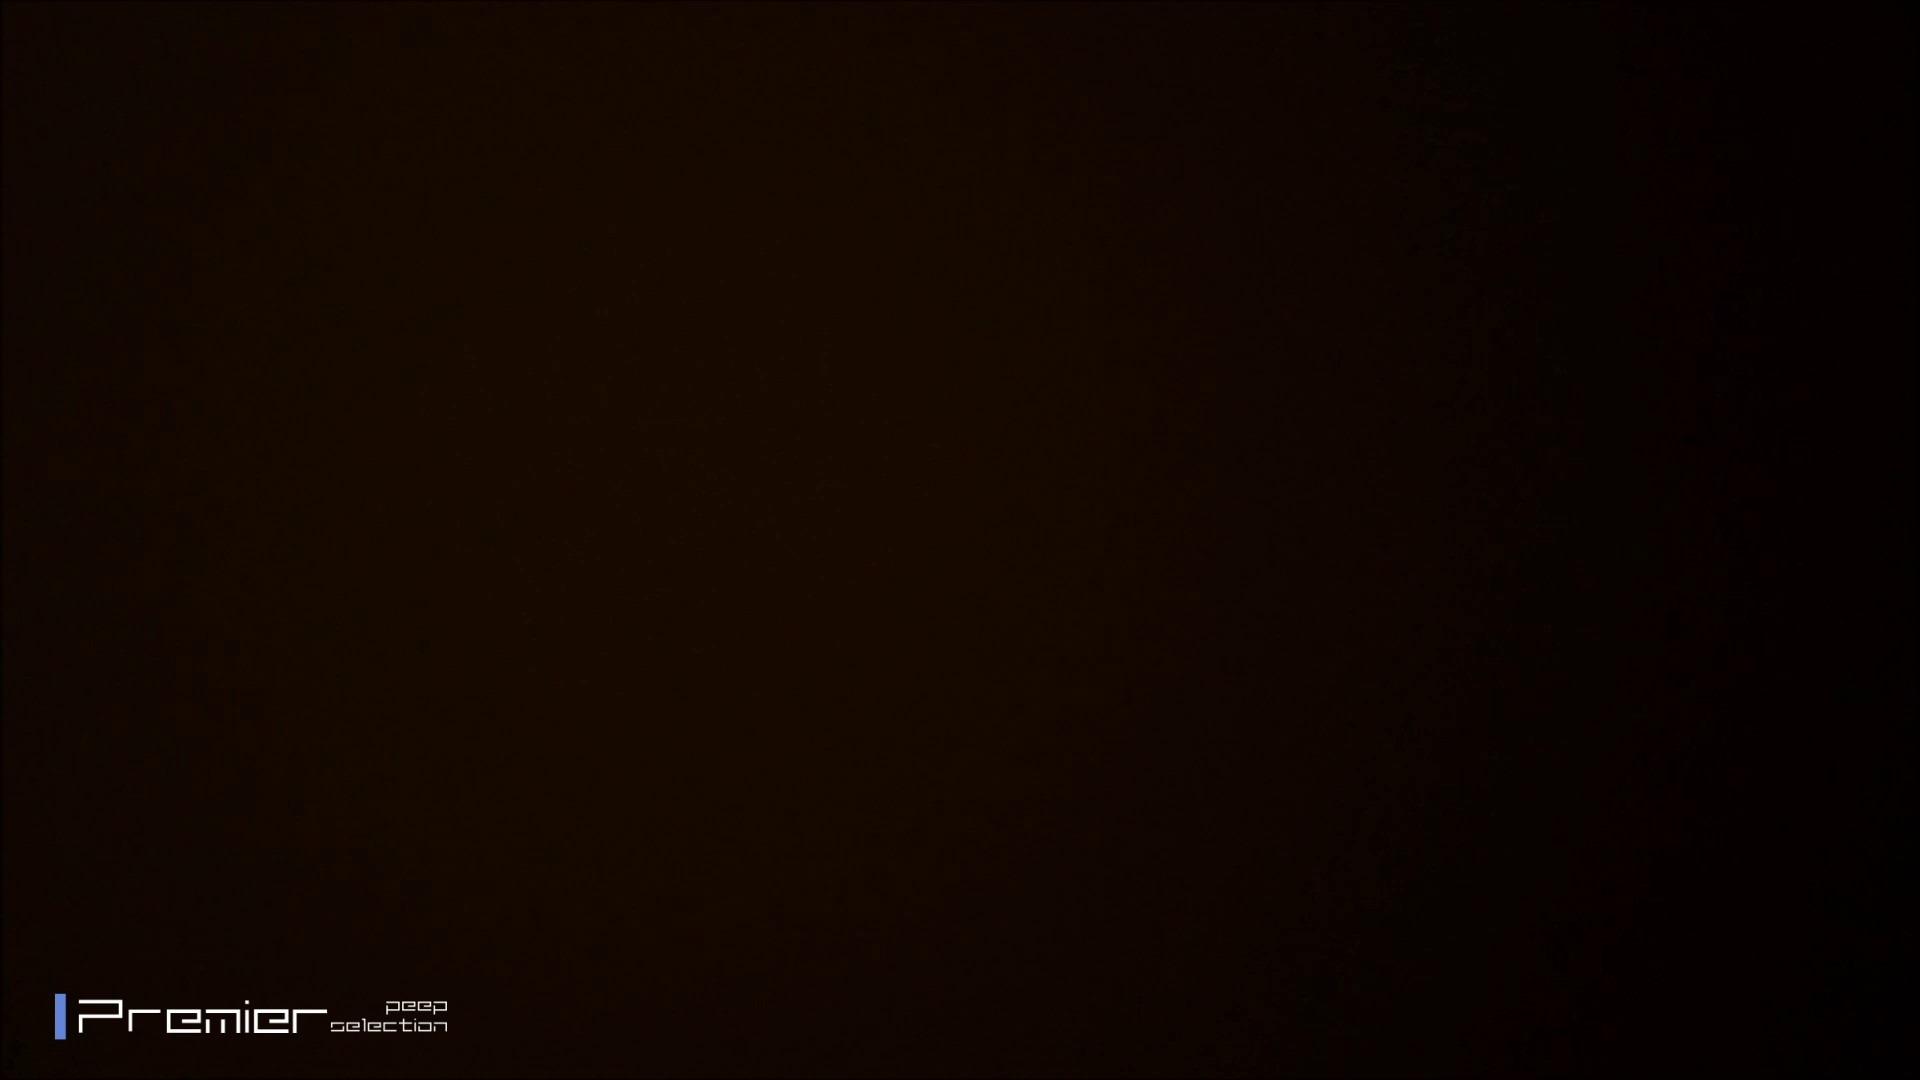 色白美乳女良の入浴 乙女の風呂場 Vol.02 入浴 盗撮 52PIX 40